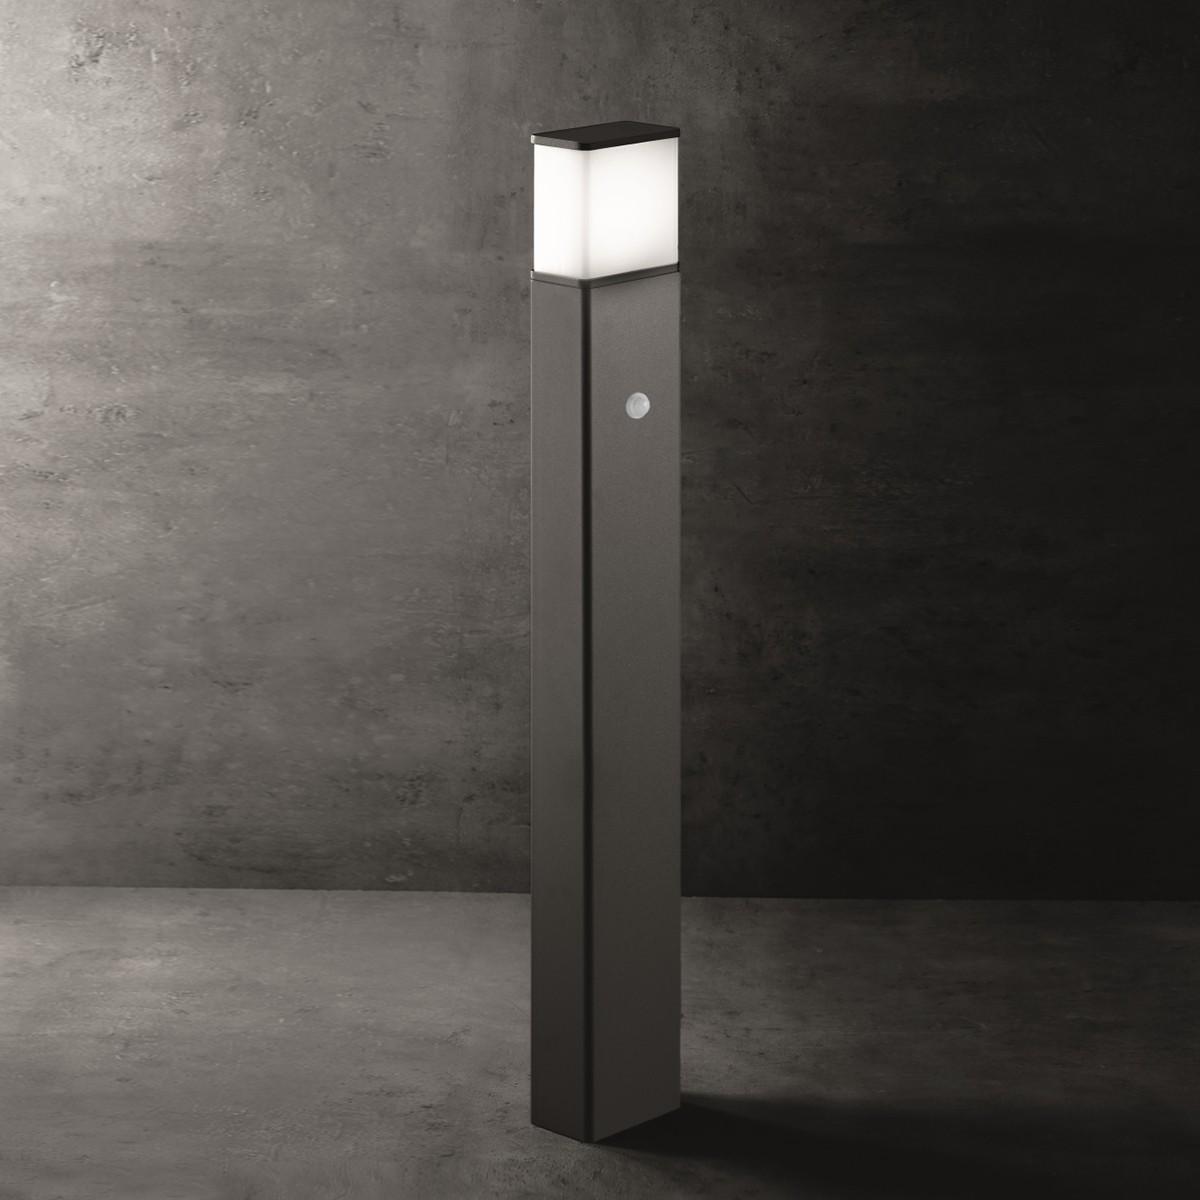 Lupia Licht Luka T Pollerleuchte, mit Sensor, anthrazit